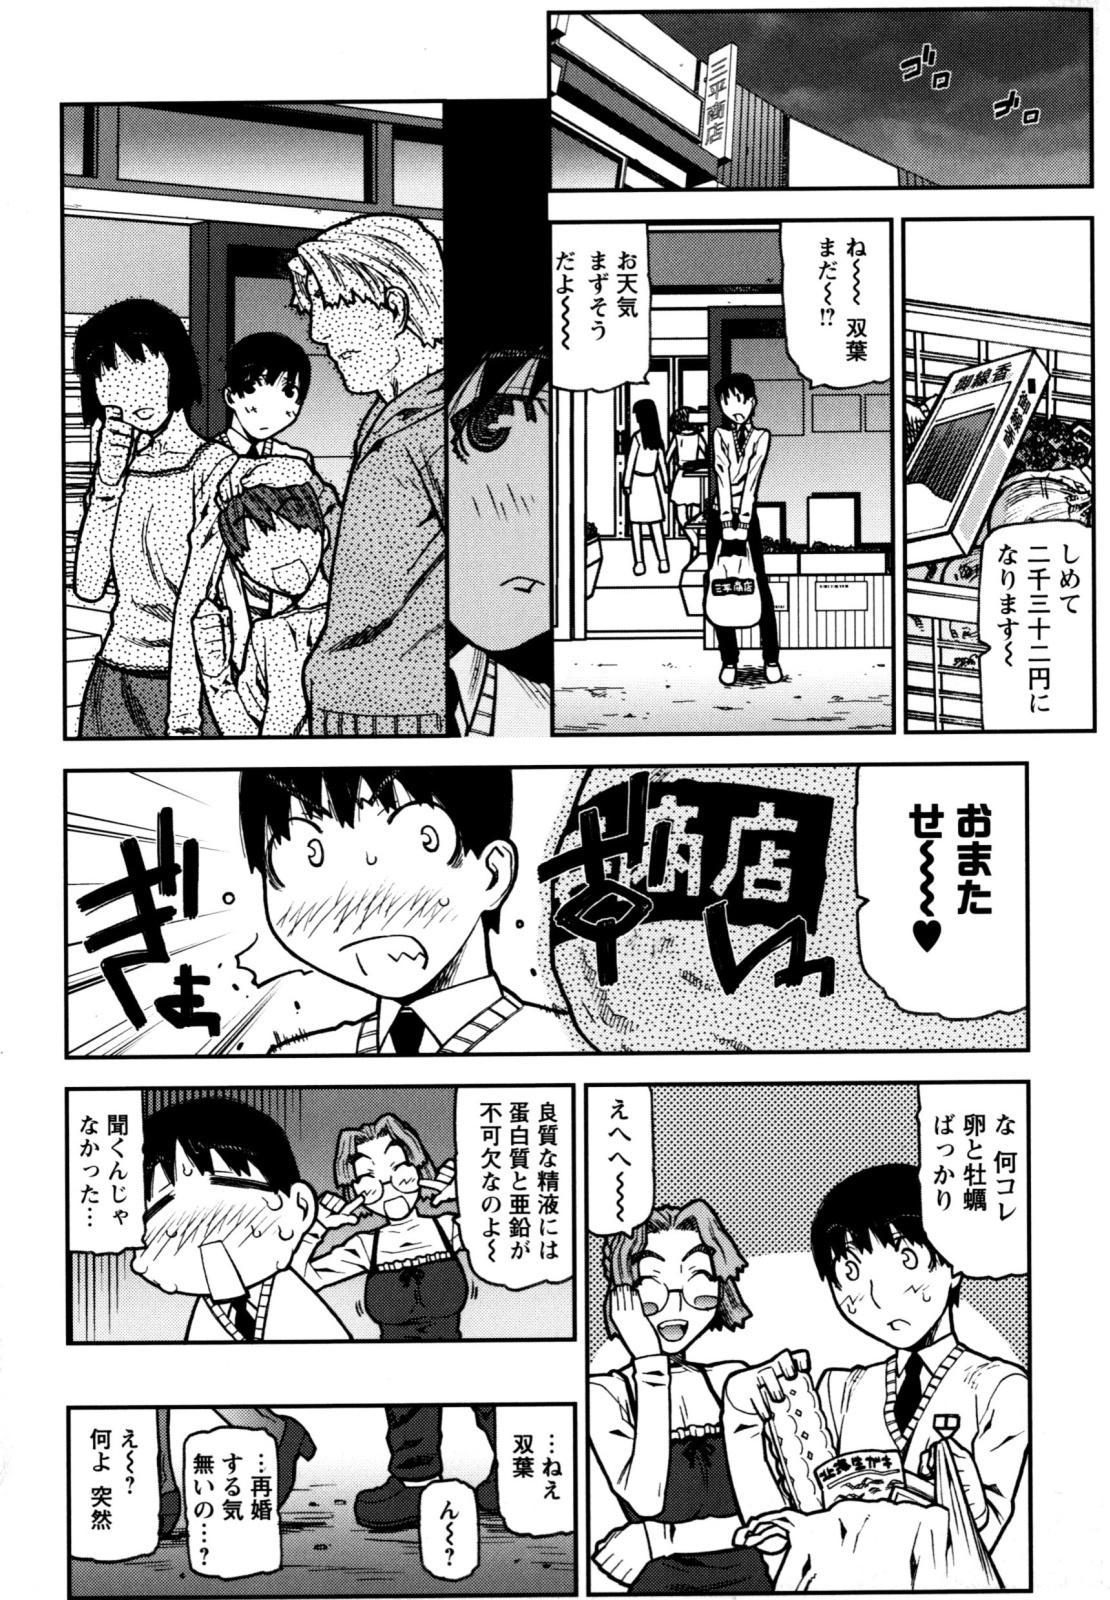 Fukuro no Nakami 53